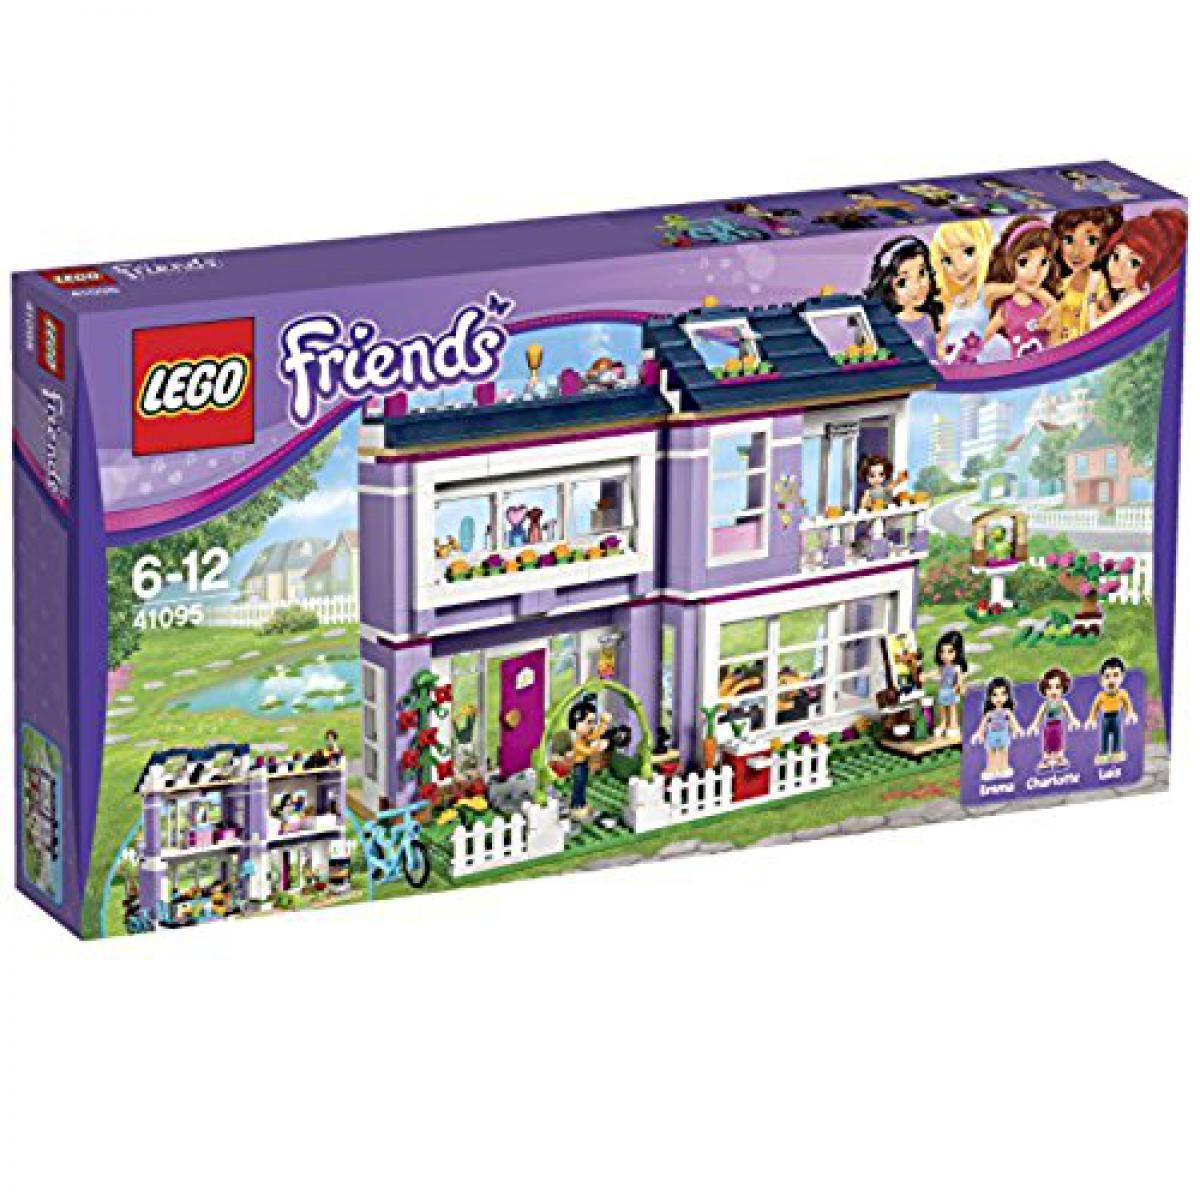 Lego Lego Friends Emmas Design House 41095